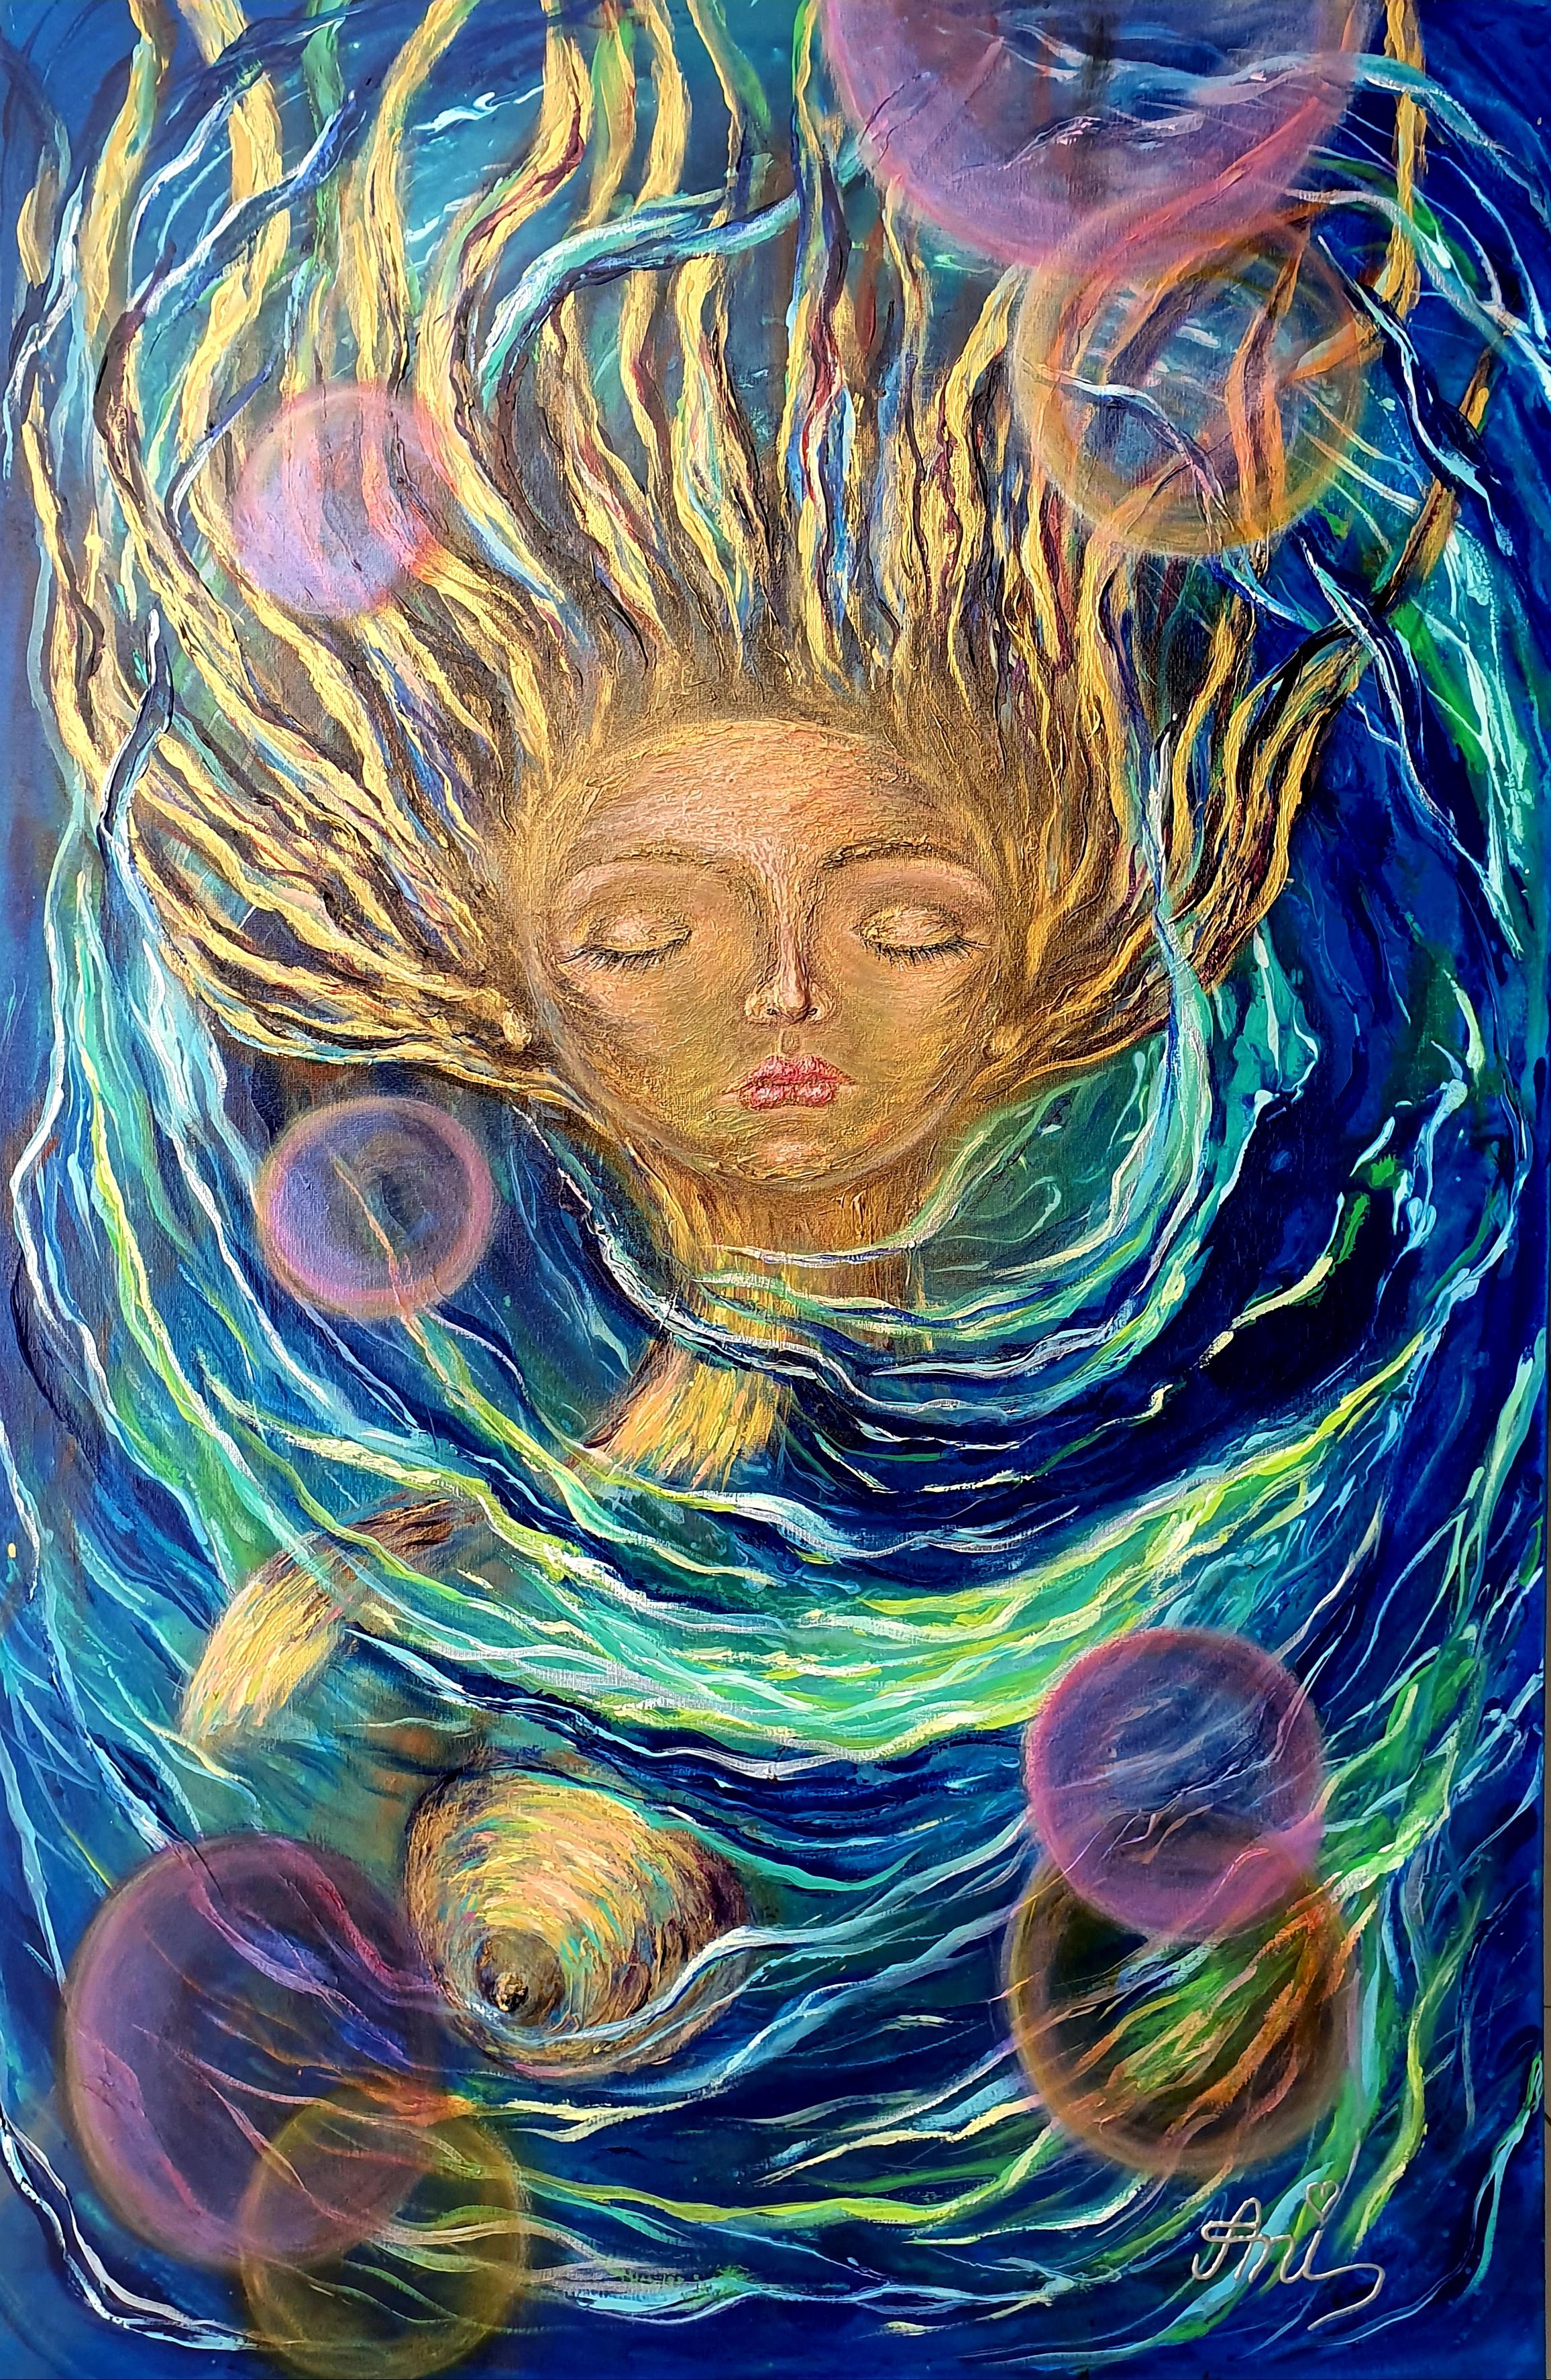 Le sommeil de la sirène:  Peinture acrylique sur toile, 115cm x 75cm  Prix: 1250€ + frais de livraison